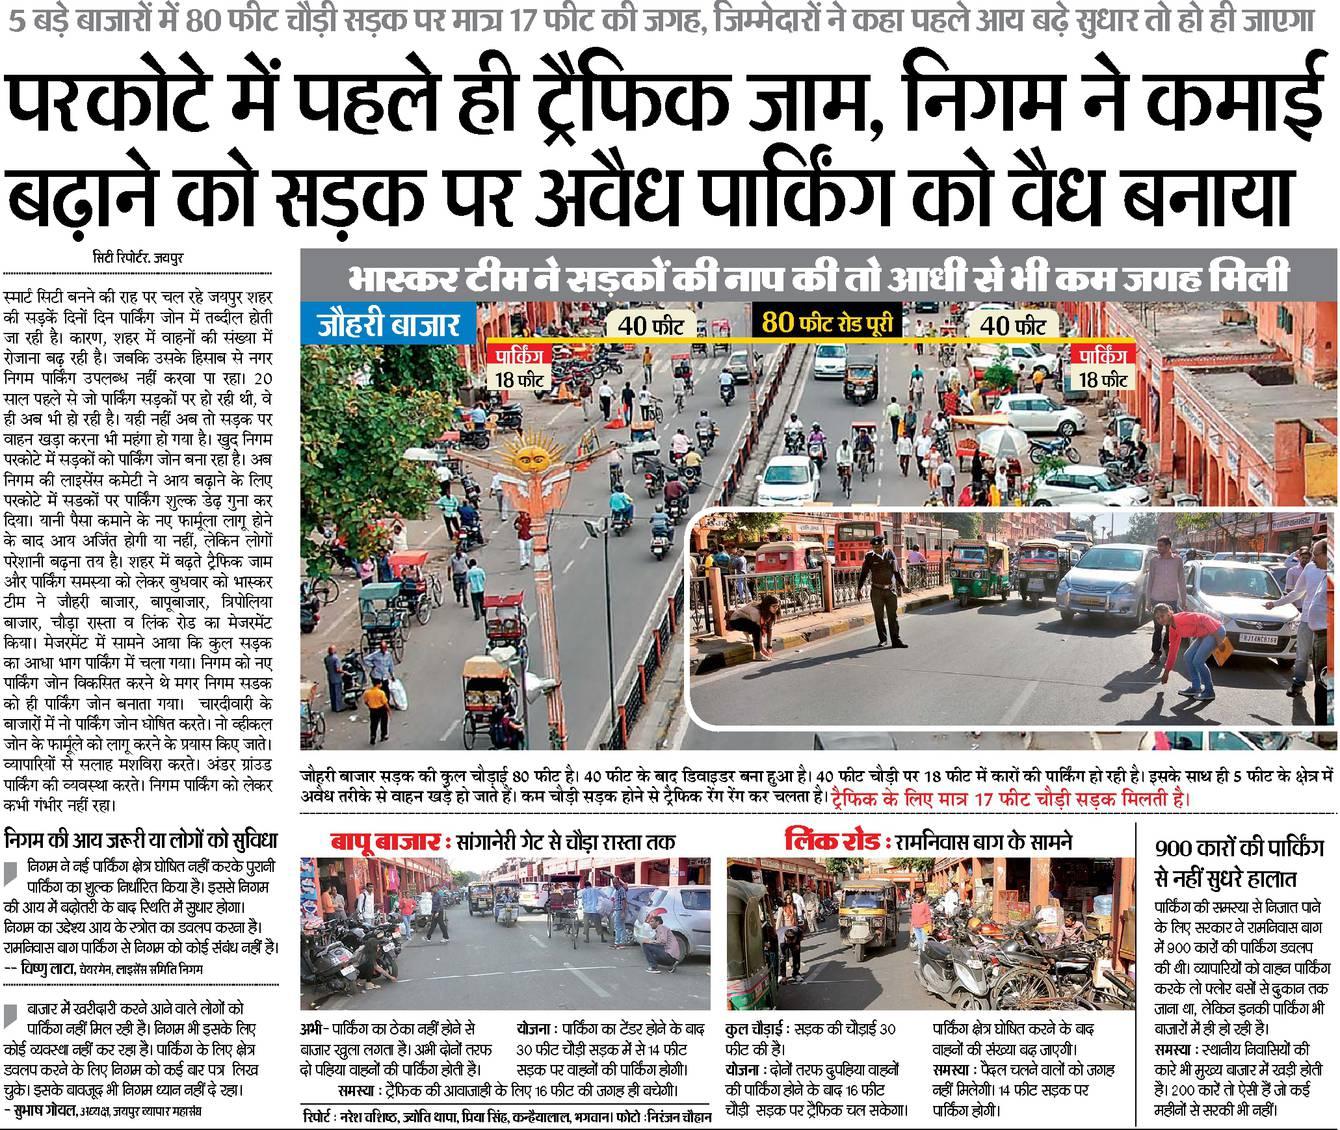 Jaipur Nagar Nigam increased parking prices | Jaipur